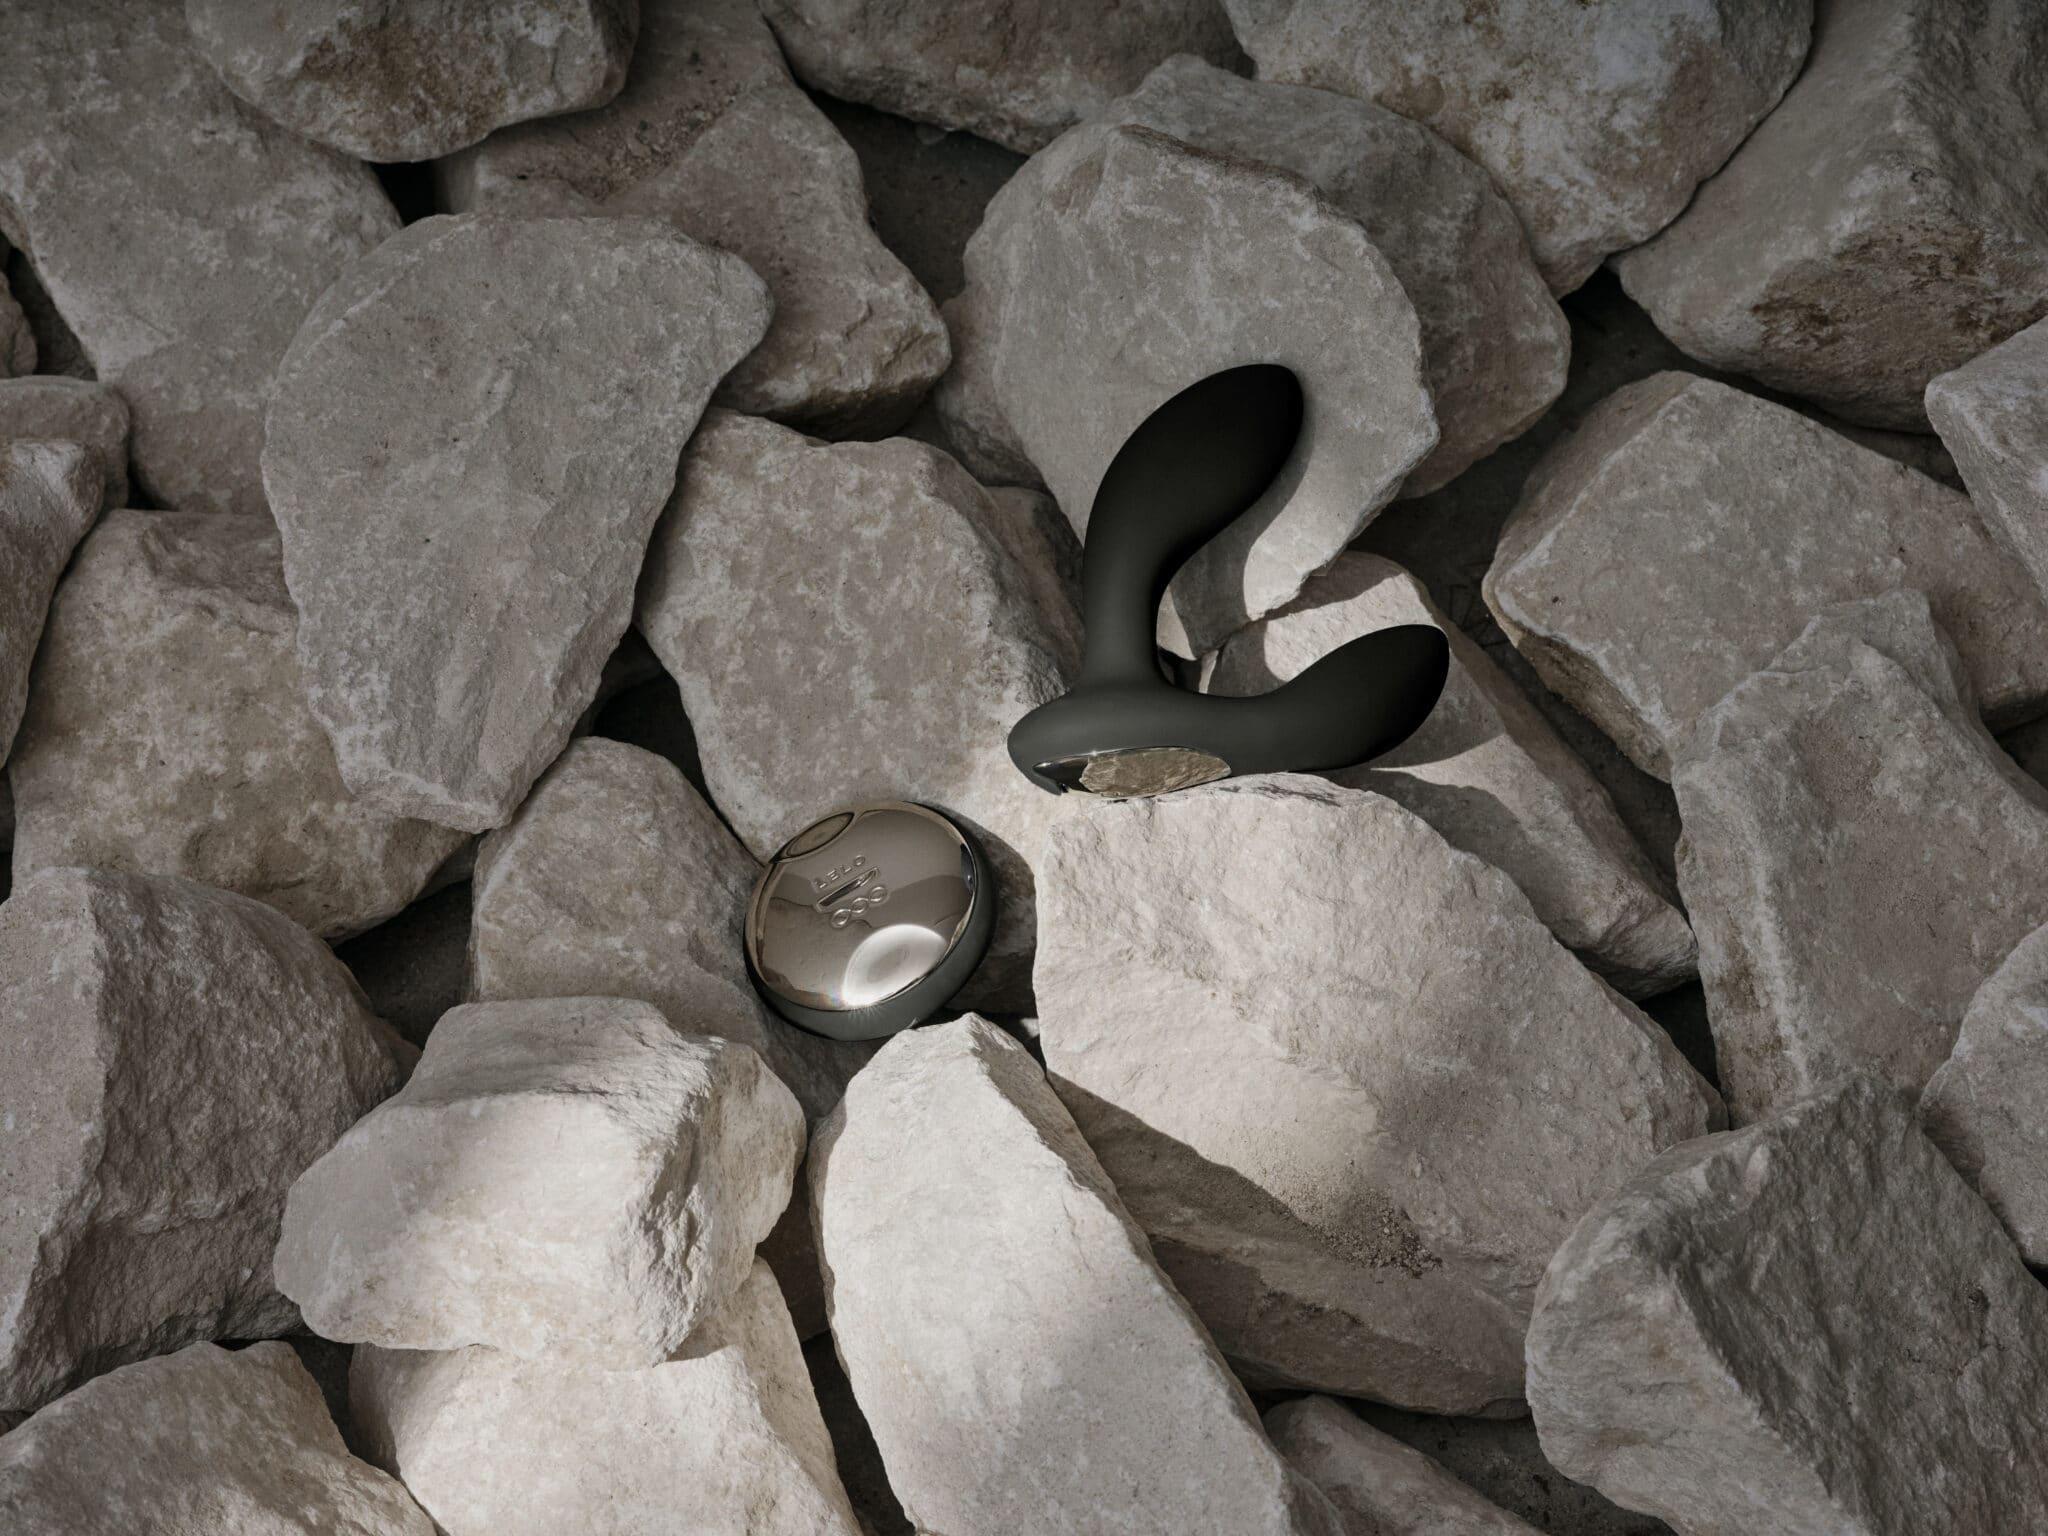 lelo hugo between rocks